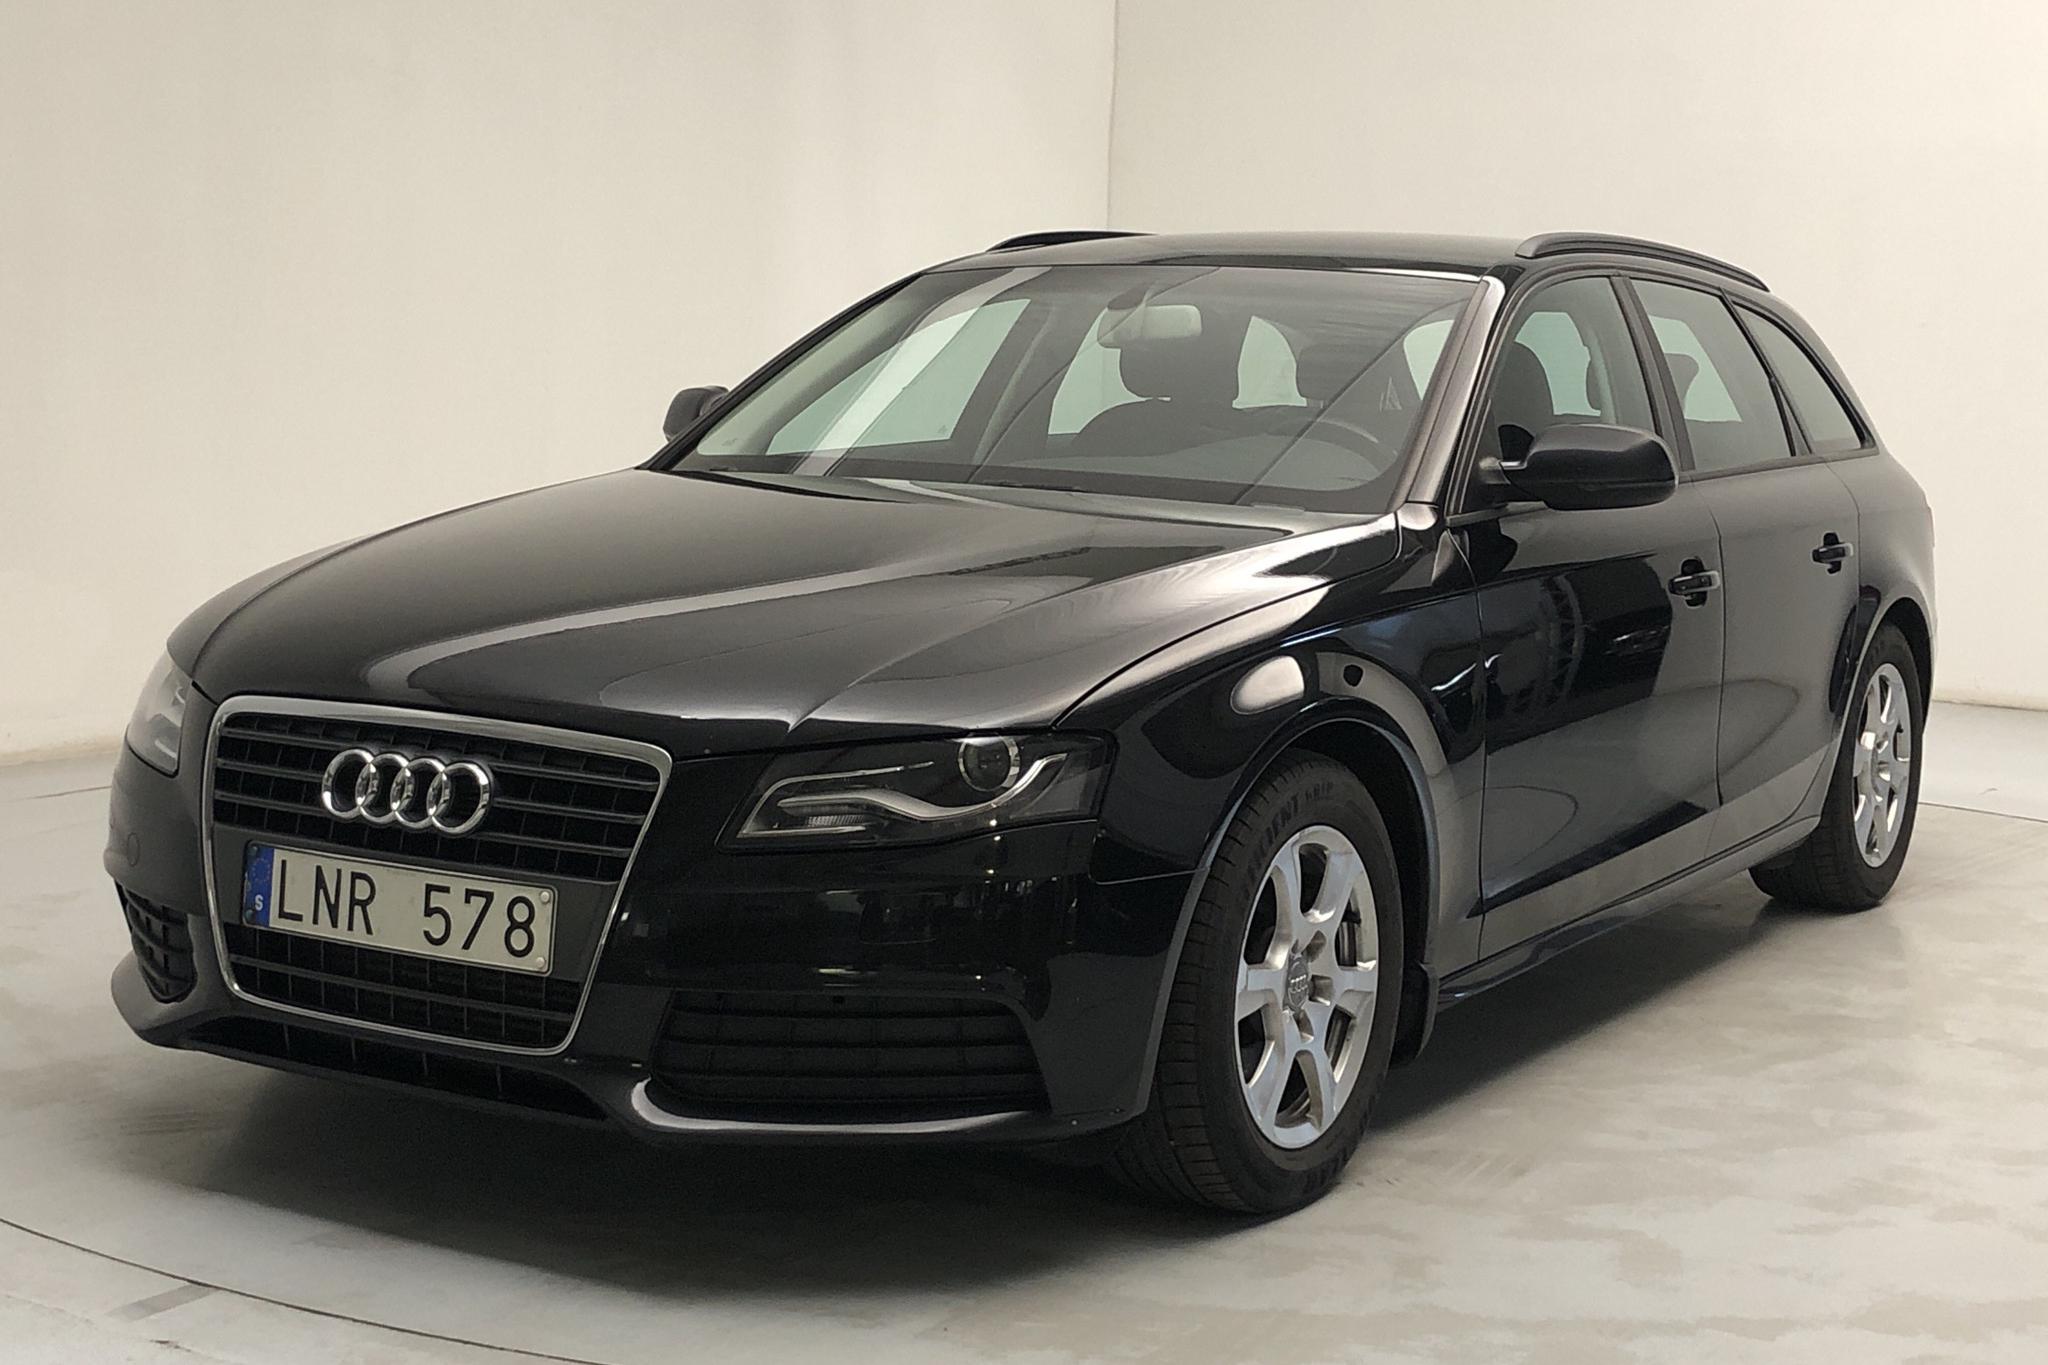 Audi A4 2.0 TDI e Avant (136hk)